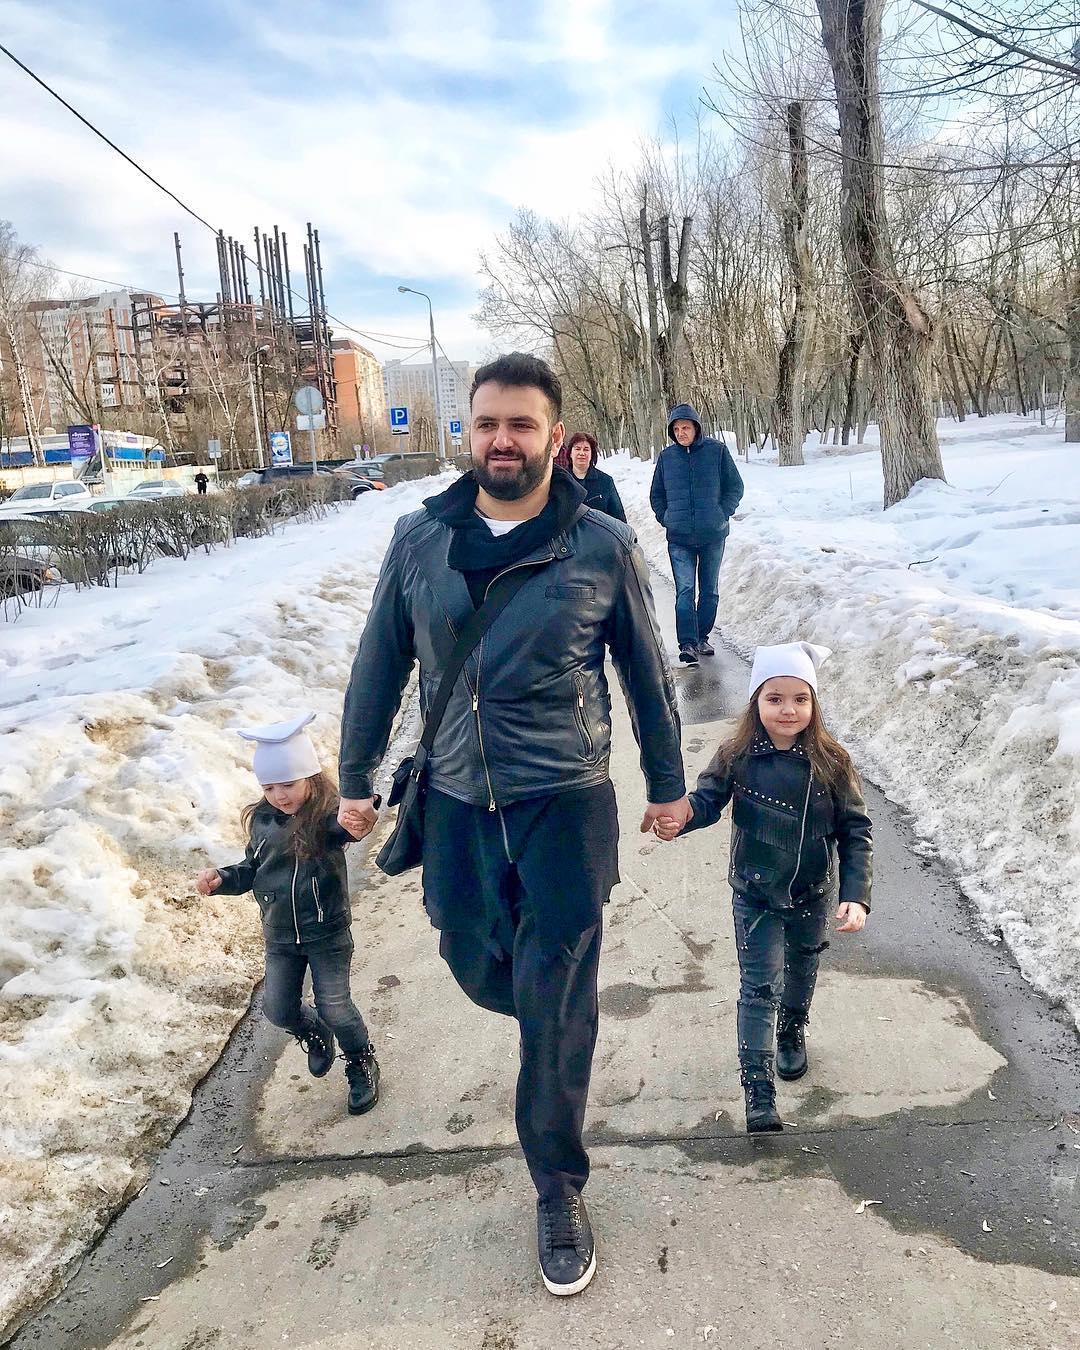 Аркадий Думикян: биография, личная жизнь, жена, дети, семья